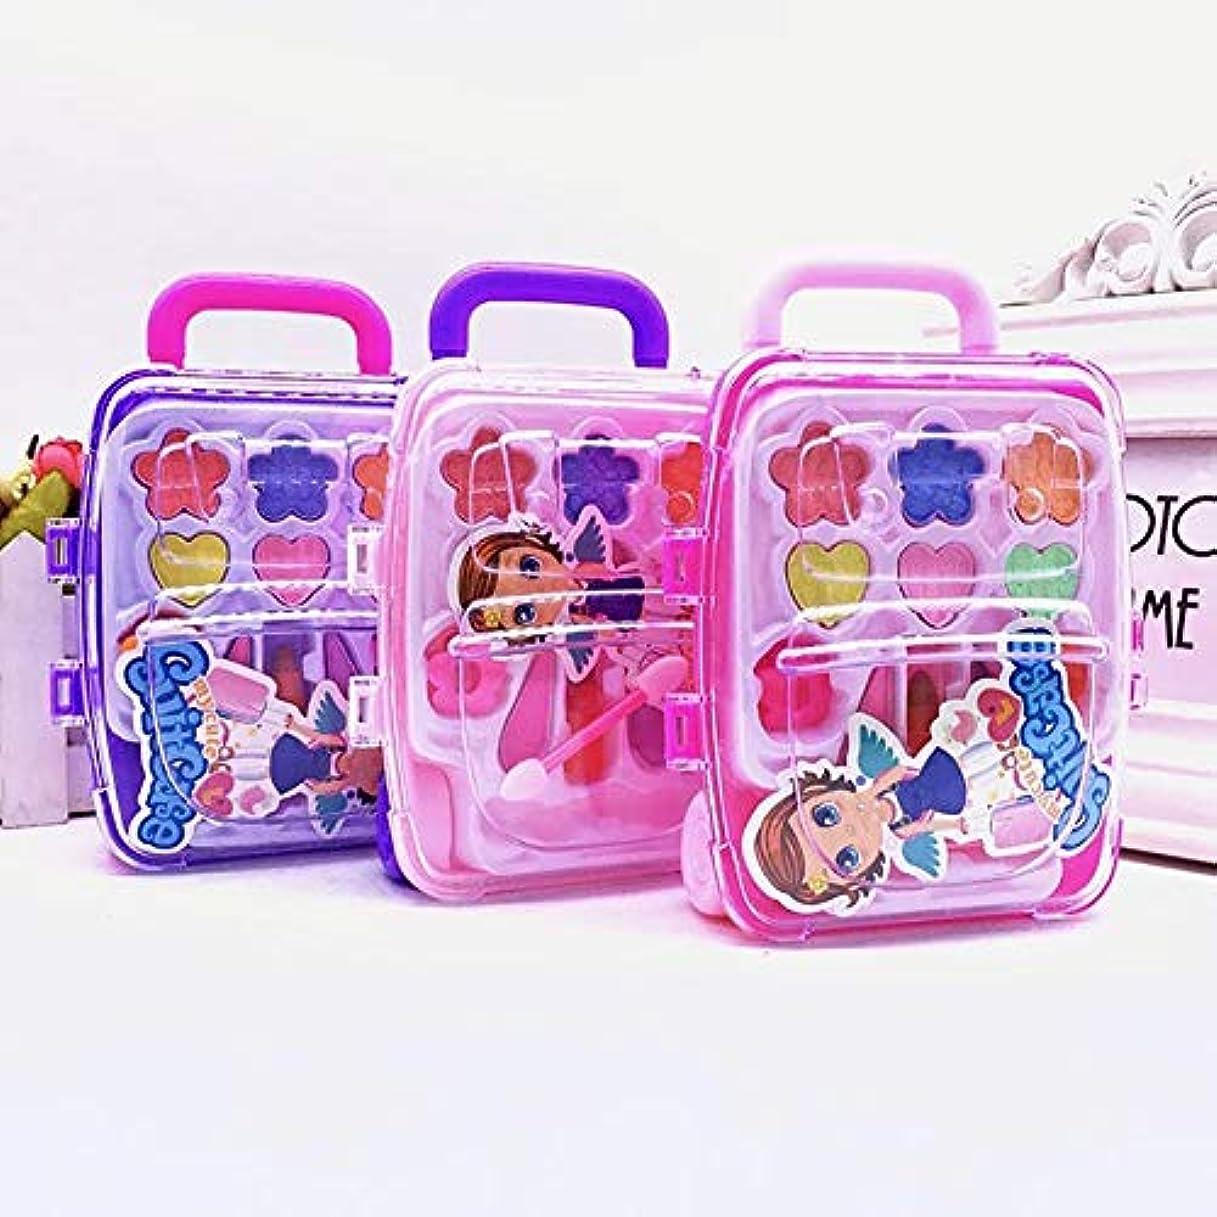 簡単に軽蔑過半数かわいい王女ふりメイクセット化粧品シミュレーション子供女の子子供のおもちゃ - ランダムな色